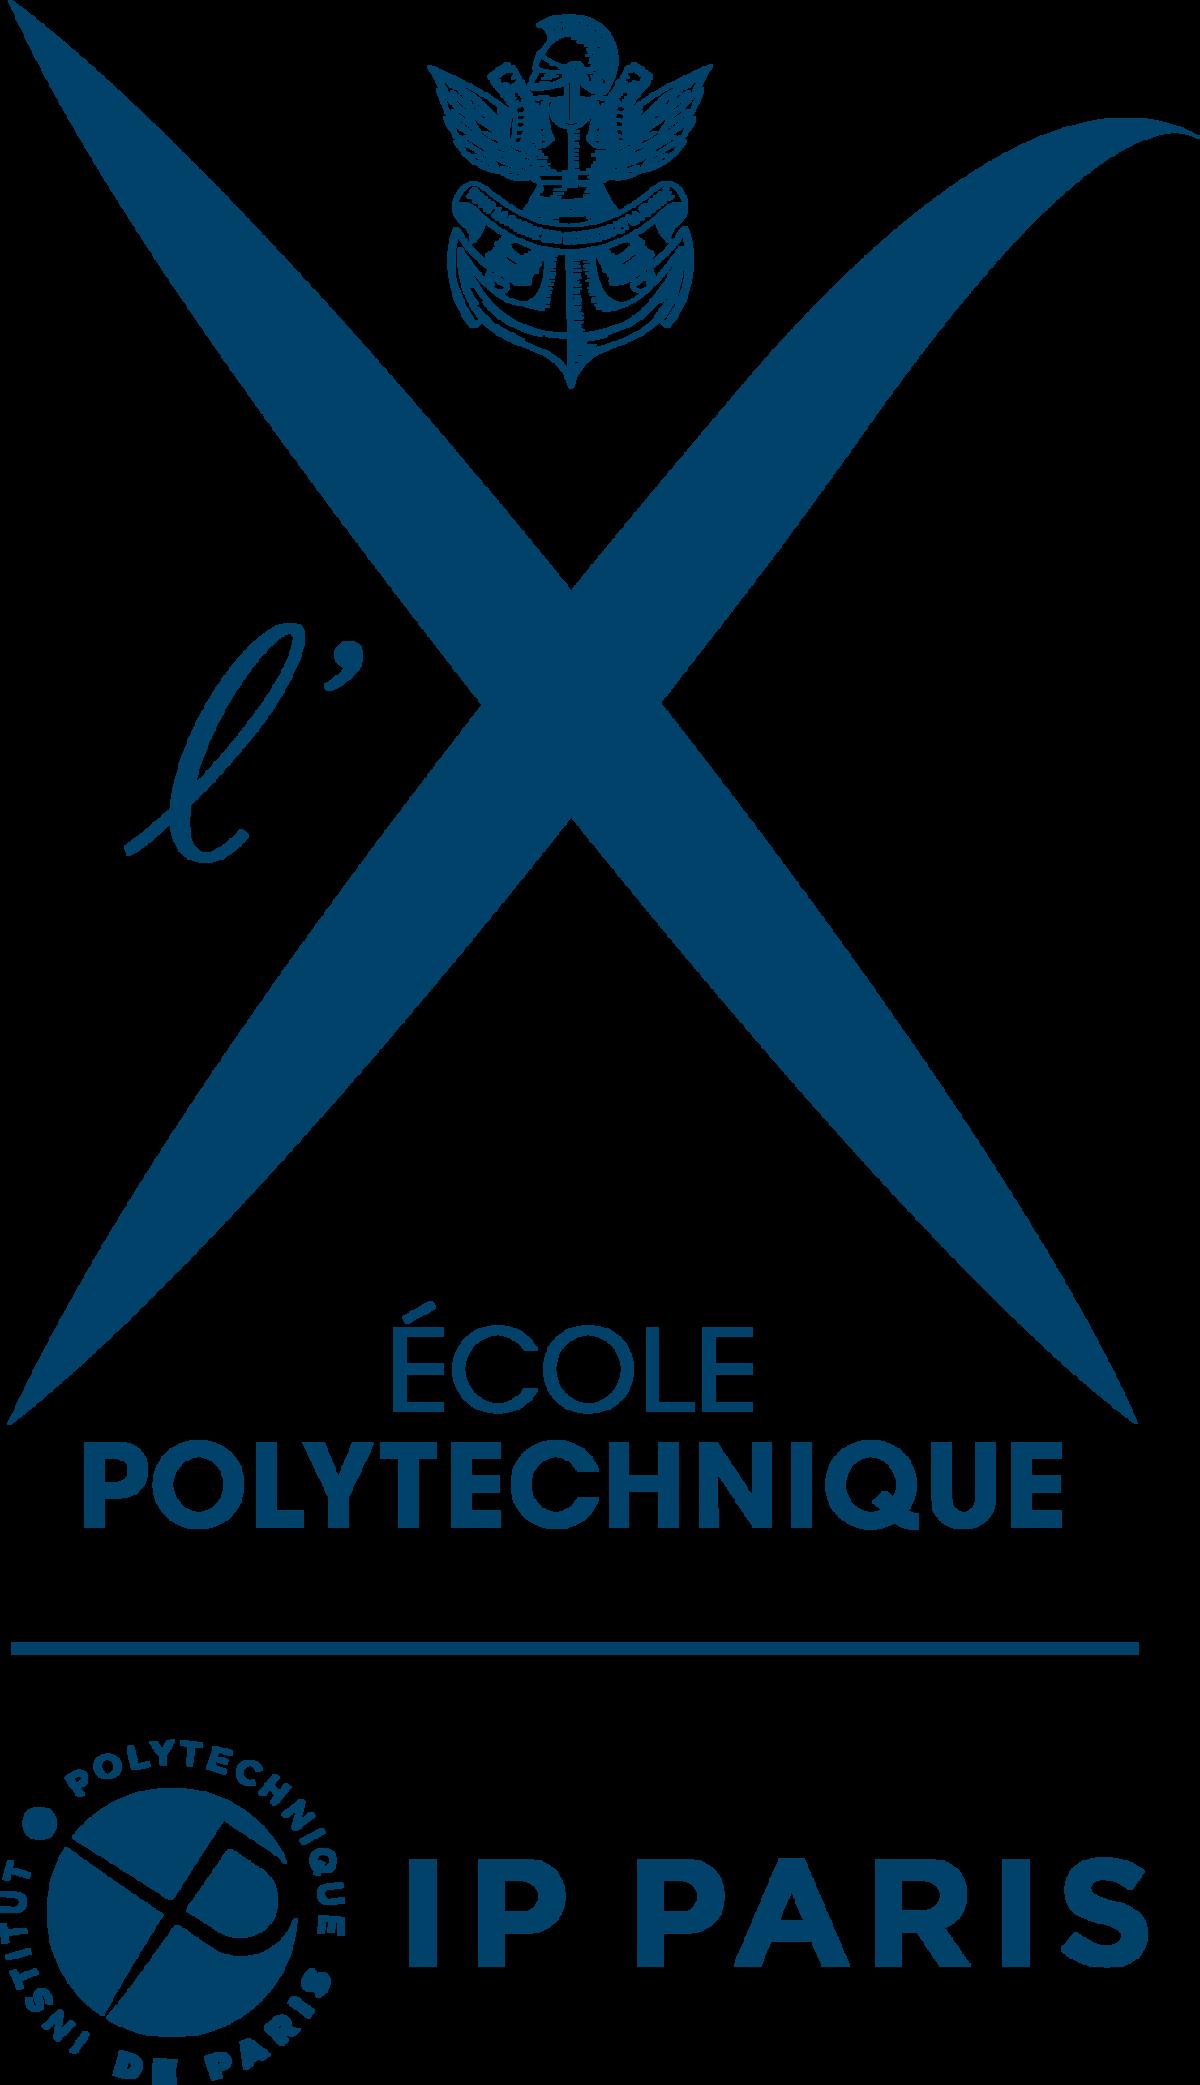 École Polytechnique de Palaiseau